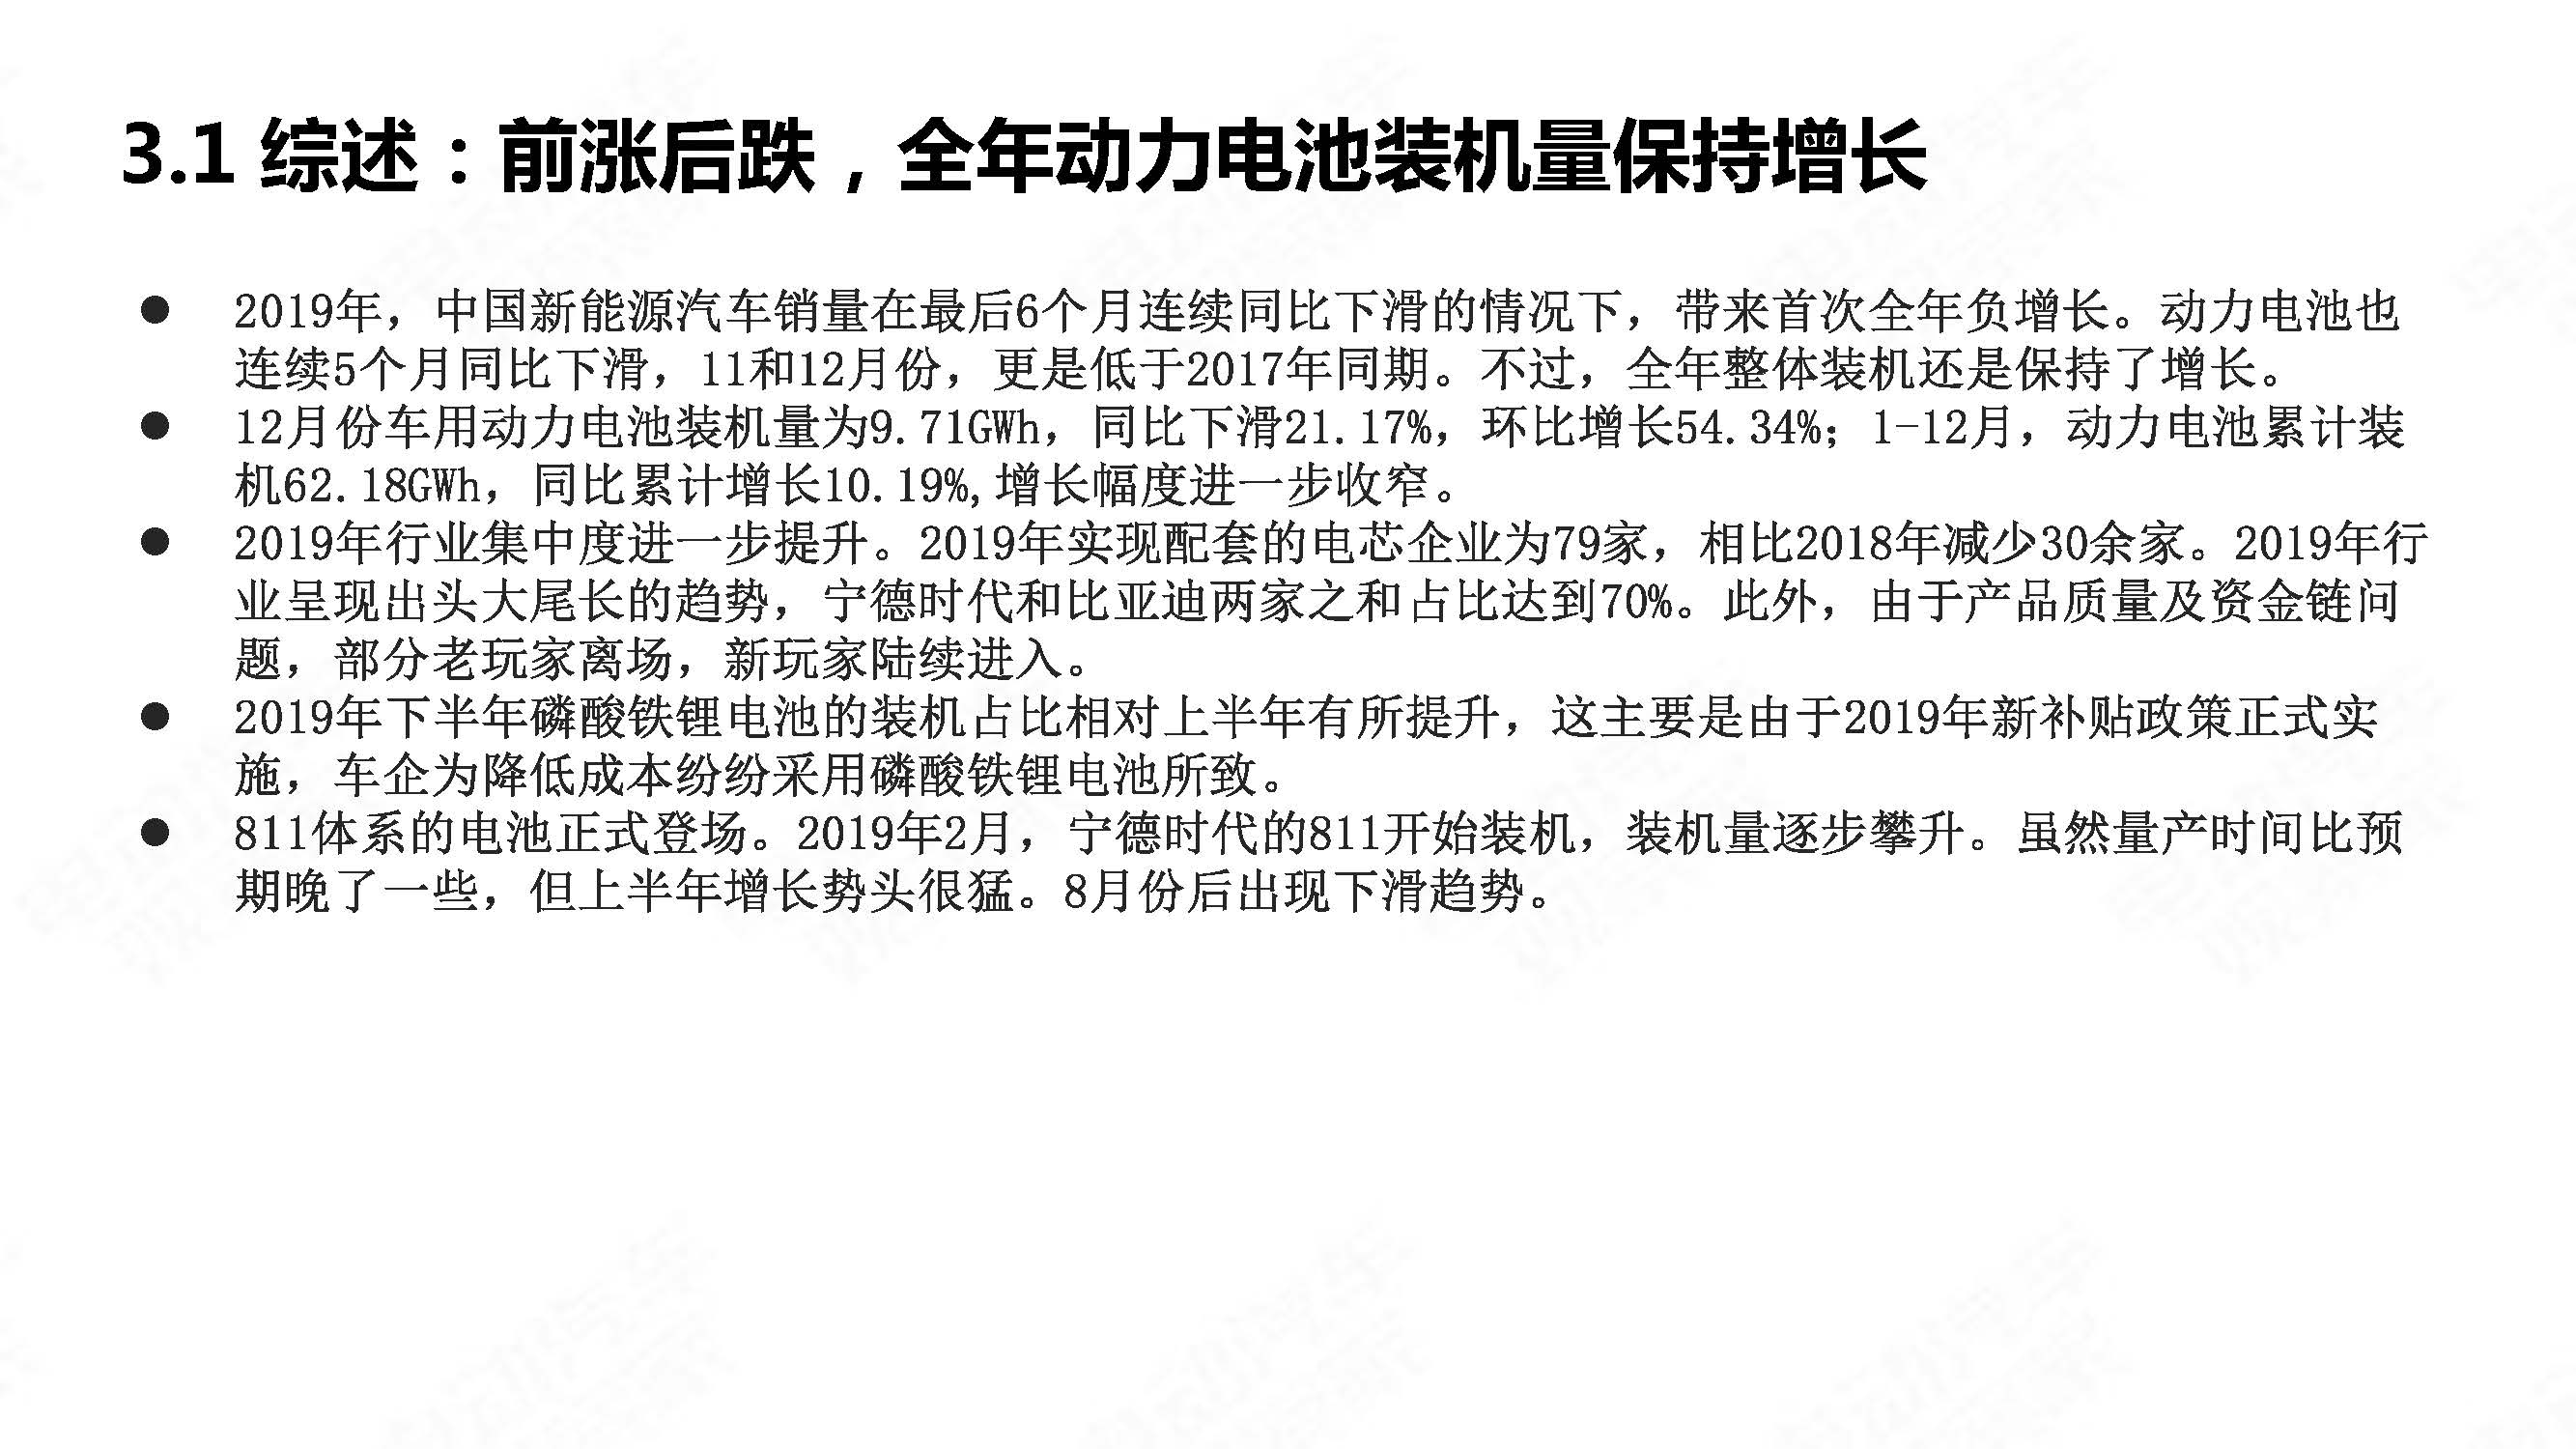 中国新能源汽车产业年度观察2020 简版_页面_25